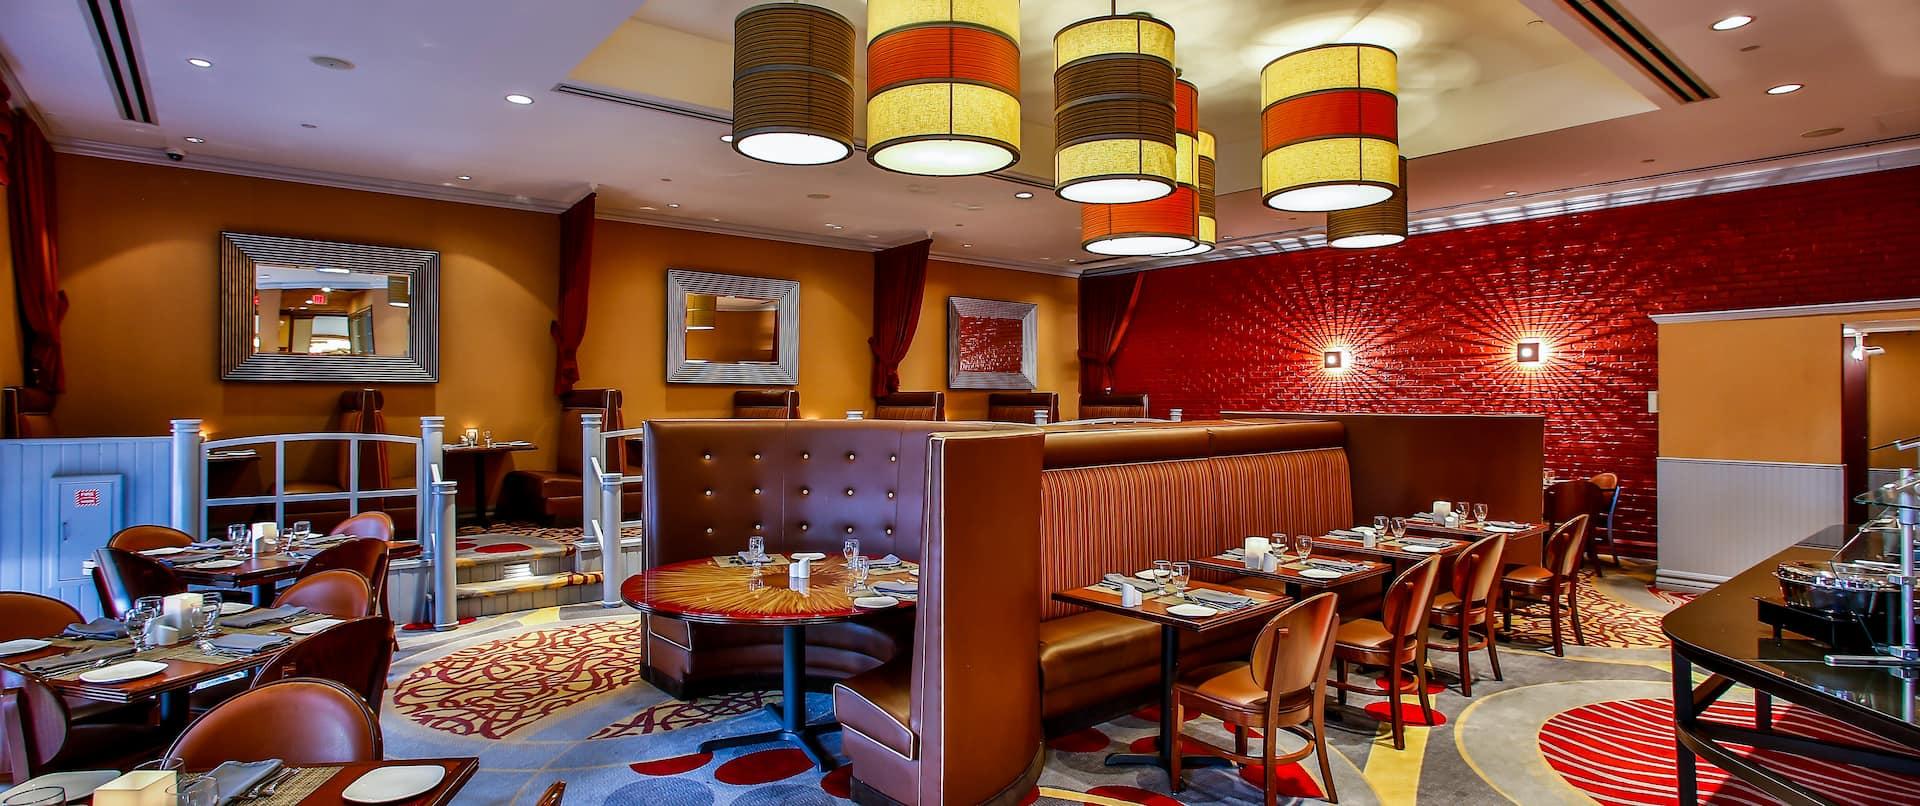 Allgauer's Restaurant Table View